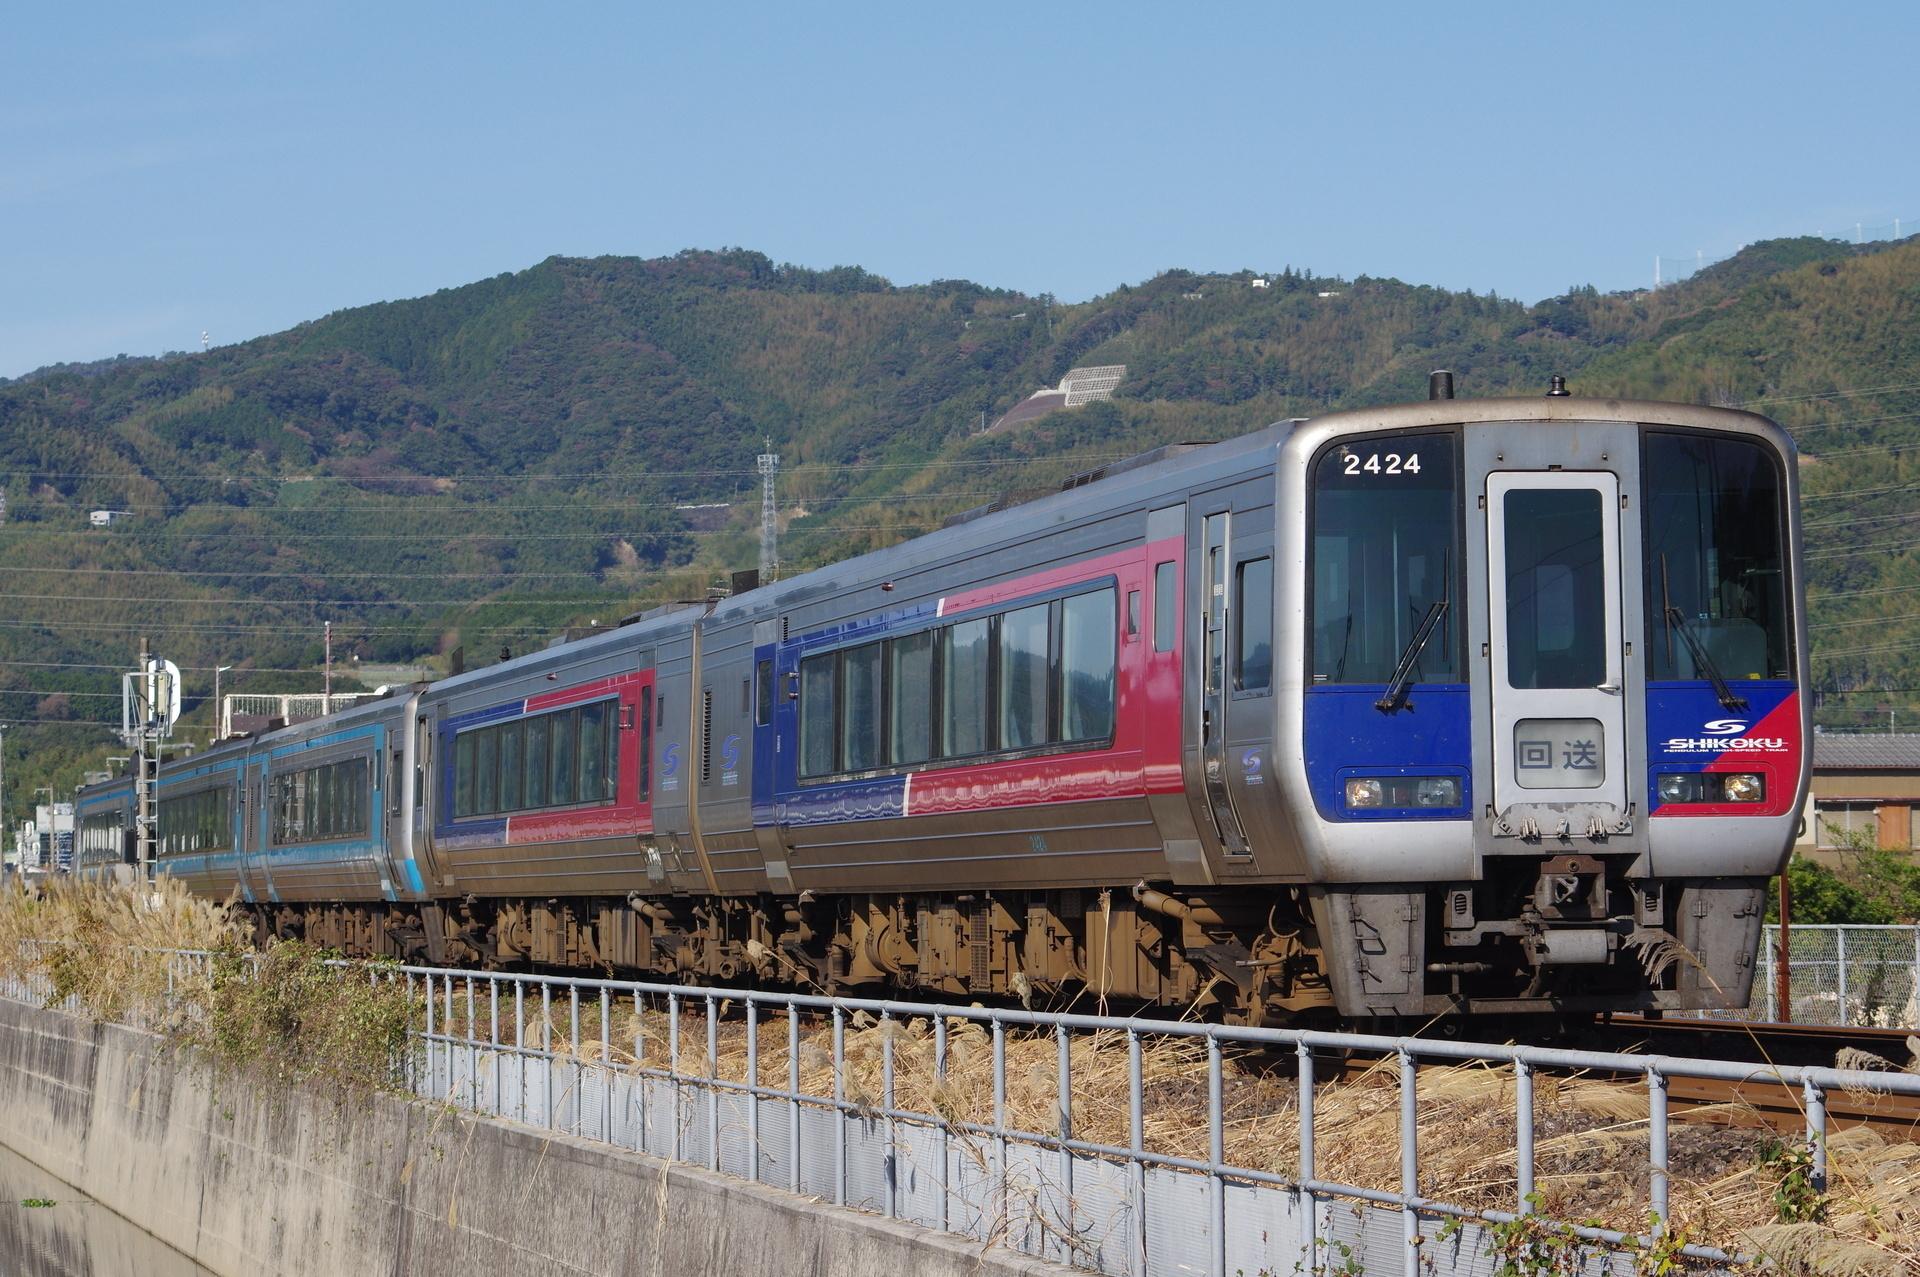 2000形(2424)